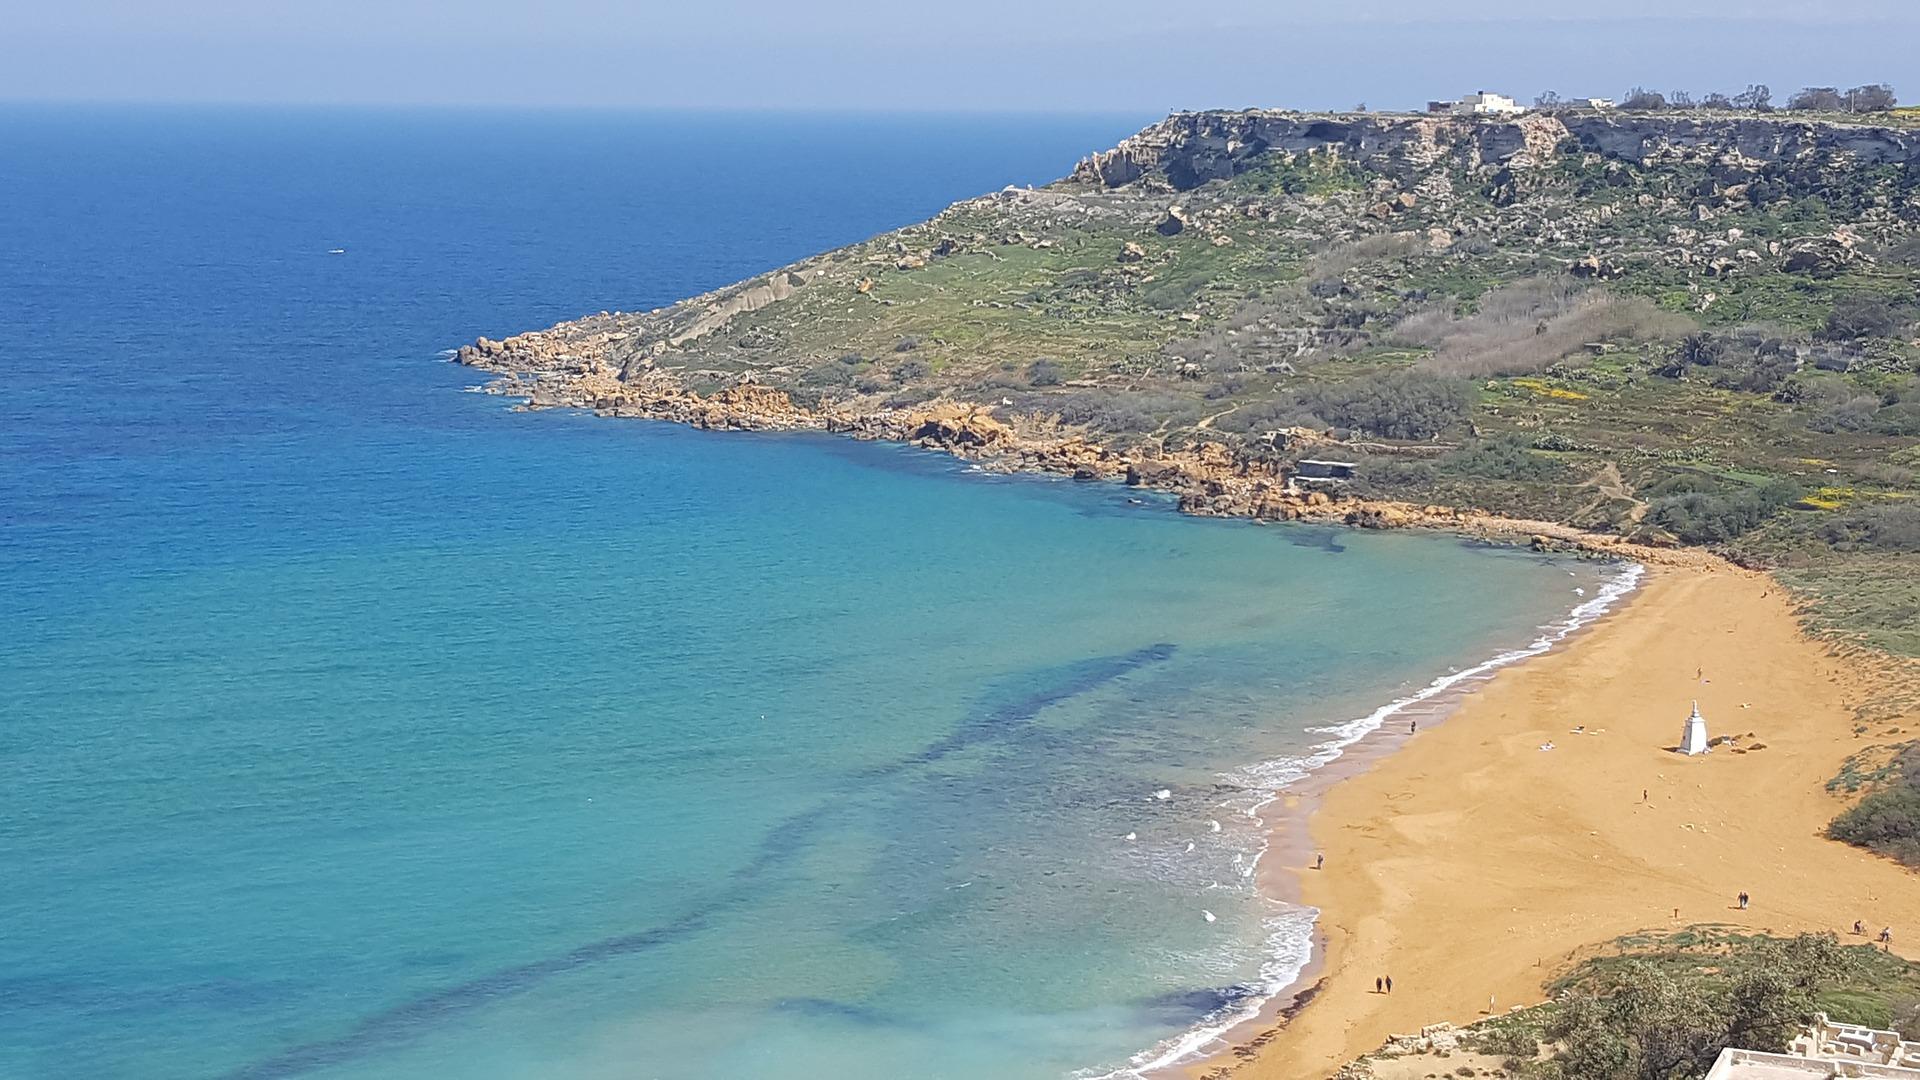 Flach abfallende Strände auf Malta- günstiger Badeurlaub